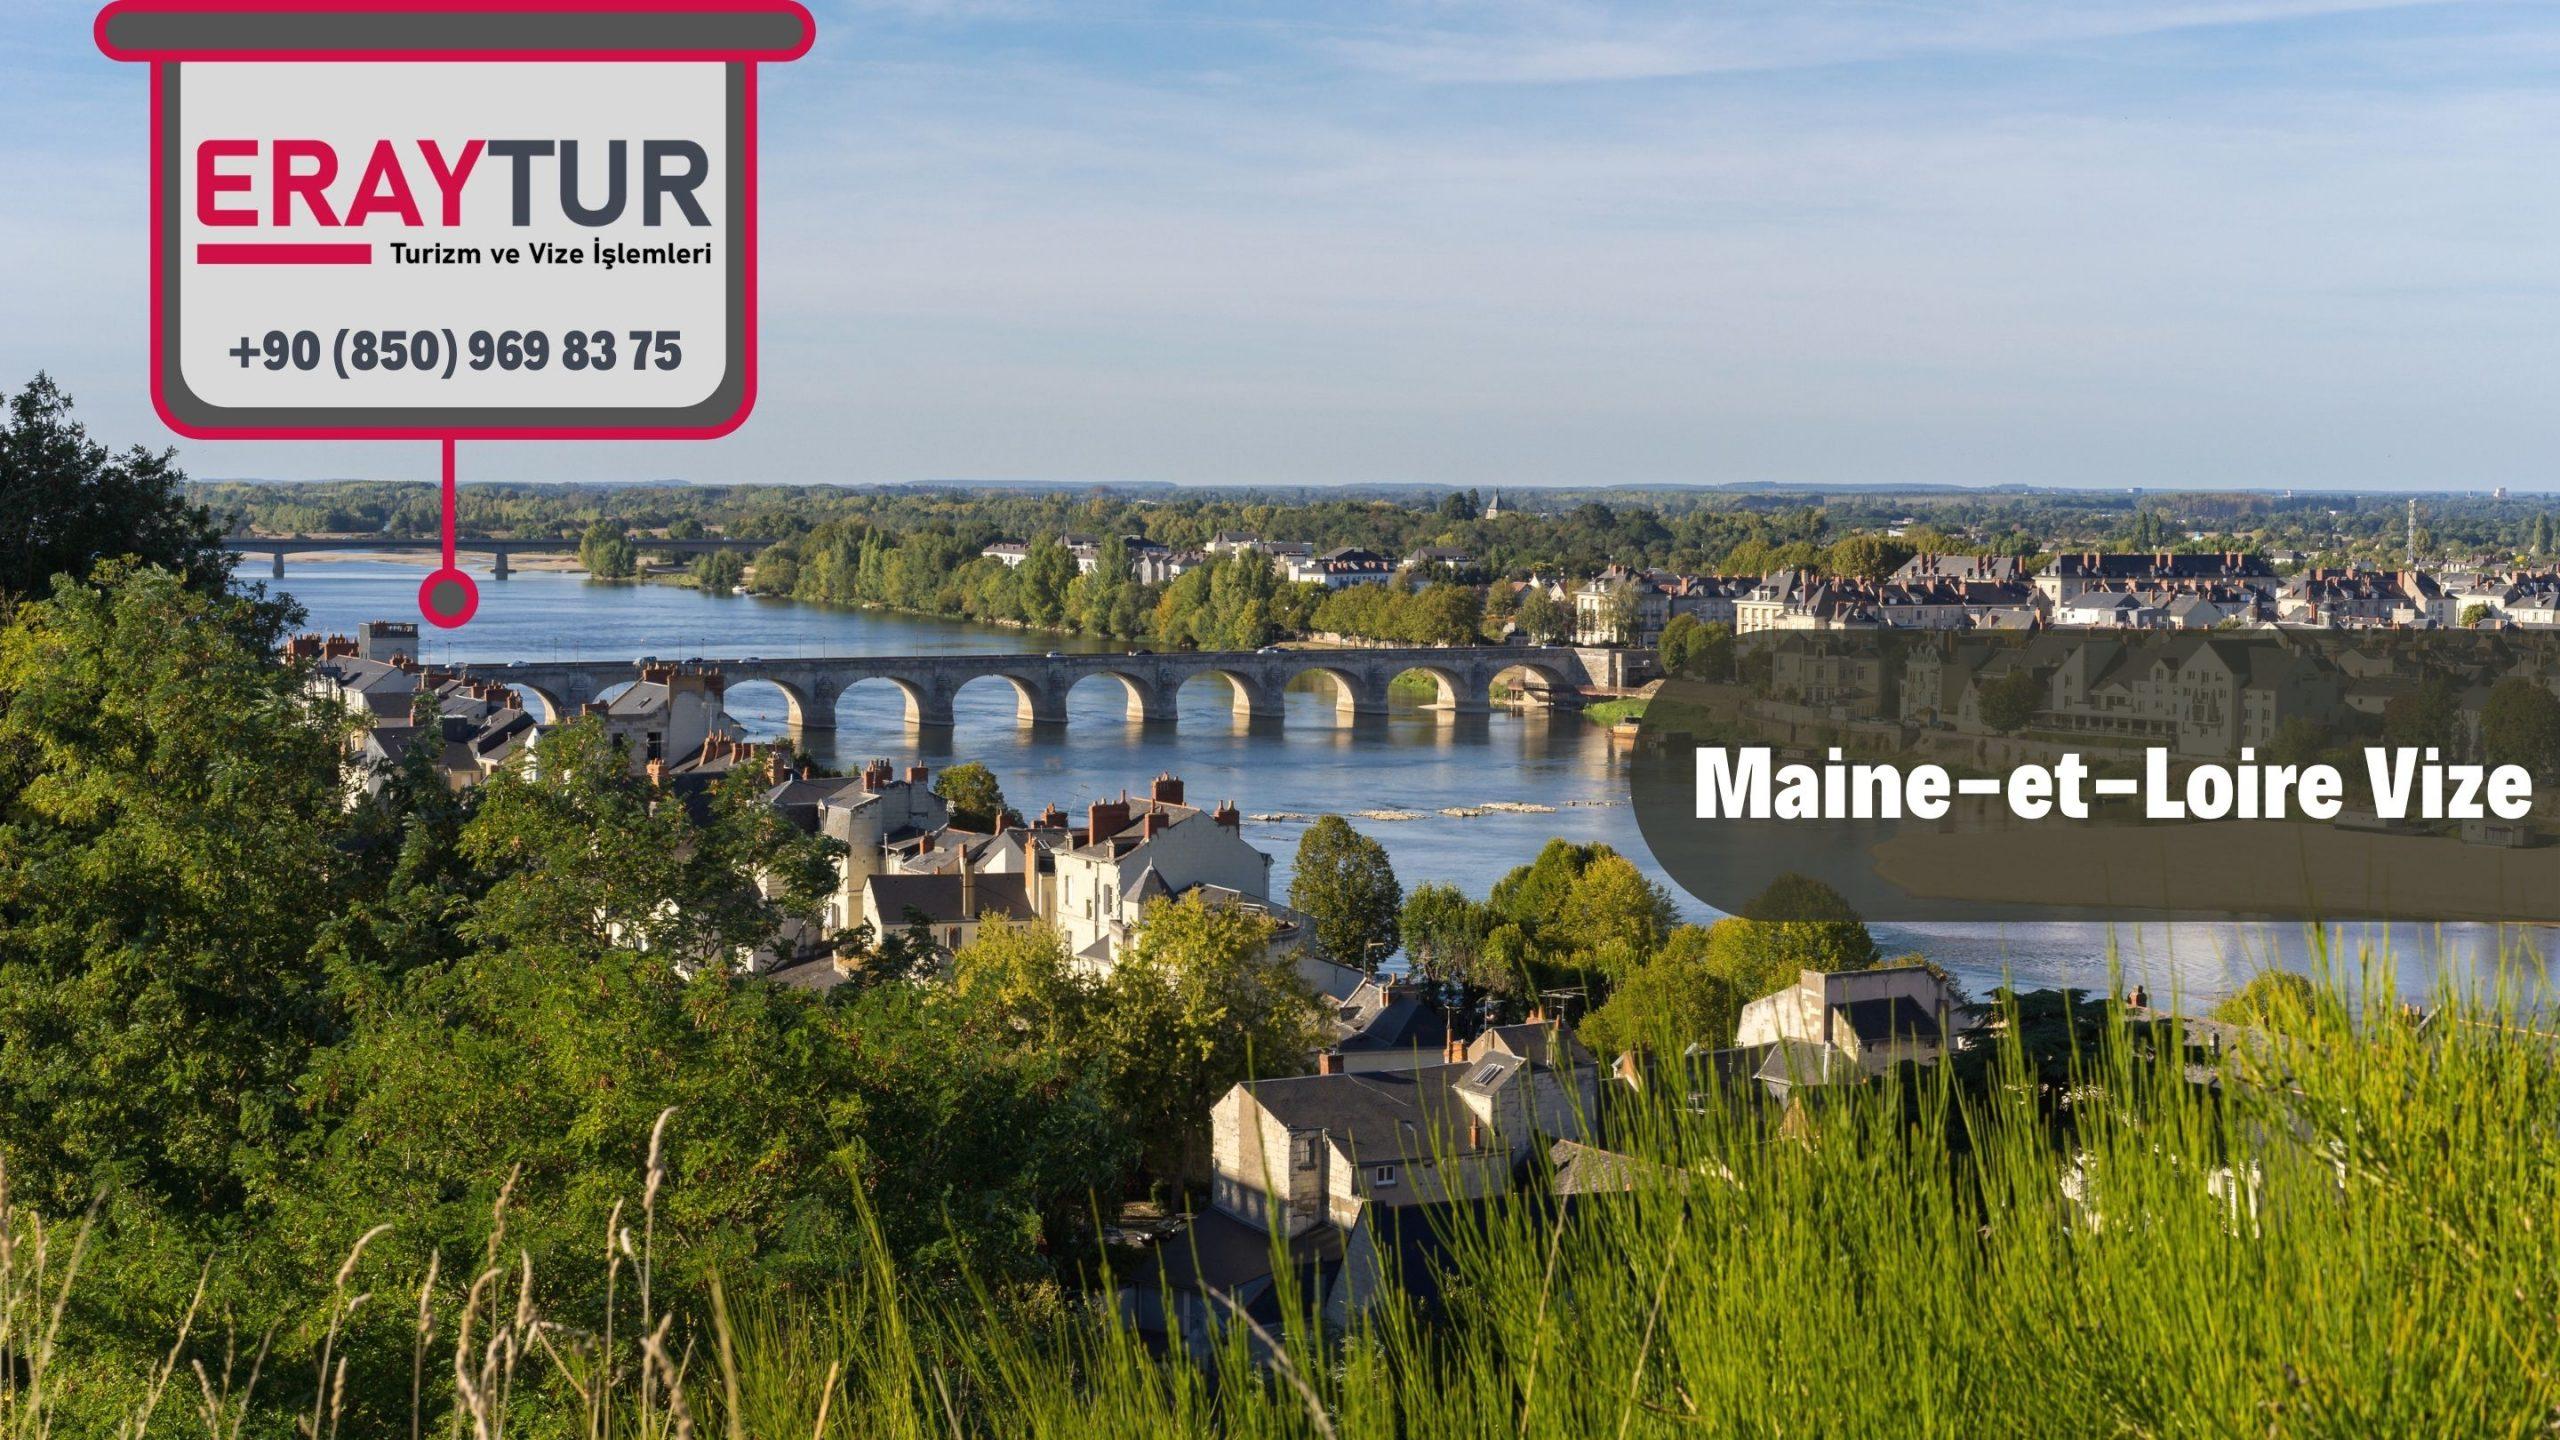 Maine-Et-Loire Vize 1 – maine et loire vize scaled